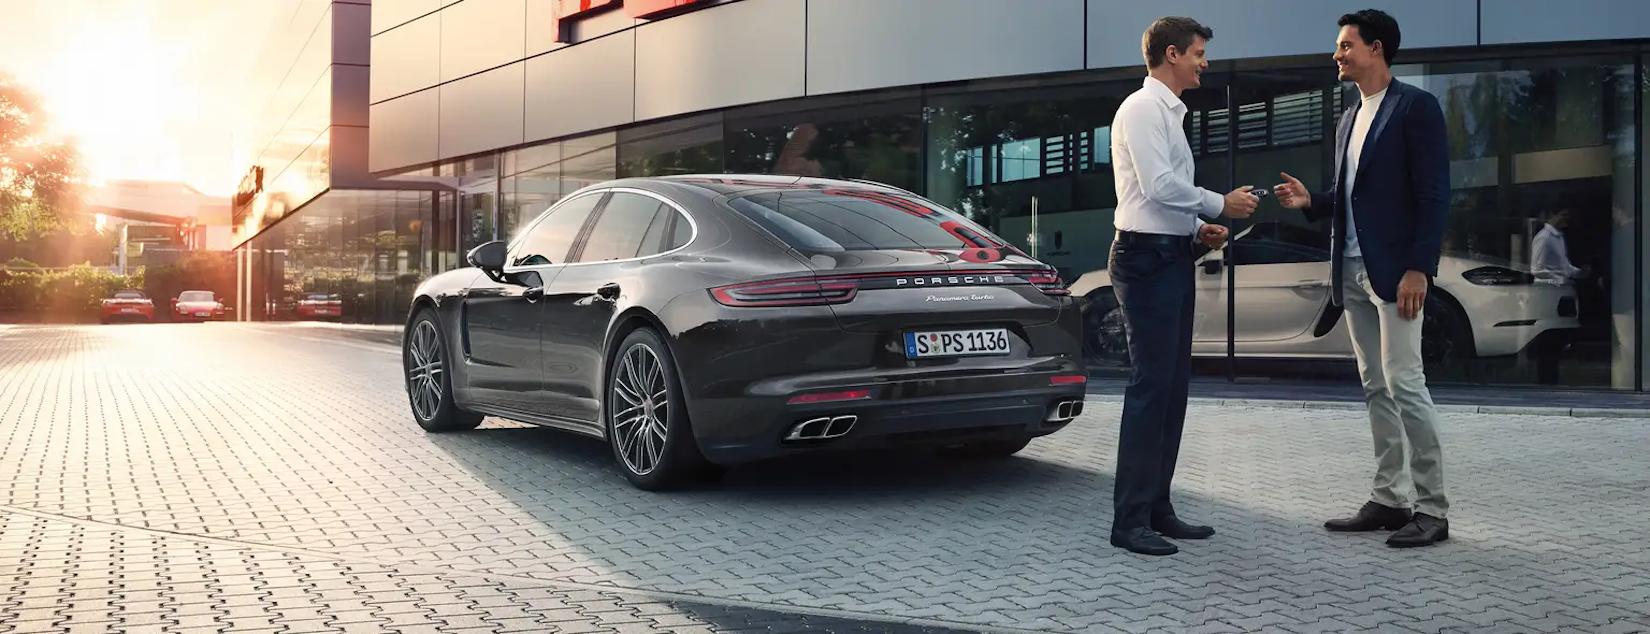 Man shaking Porsche salesman's hand